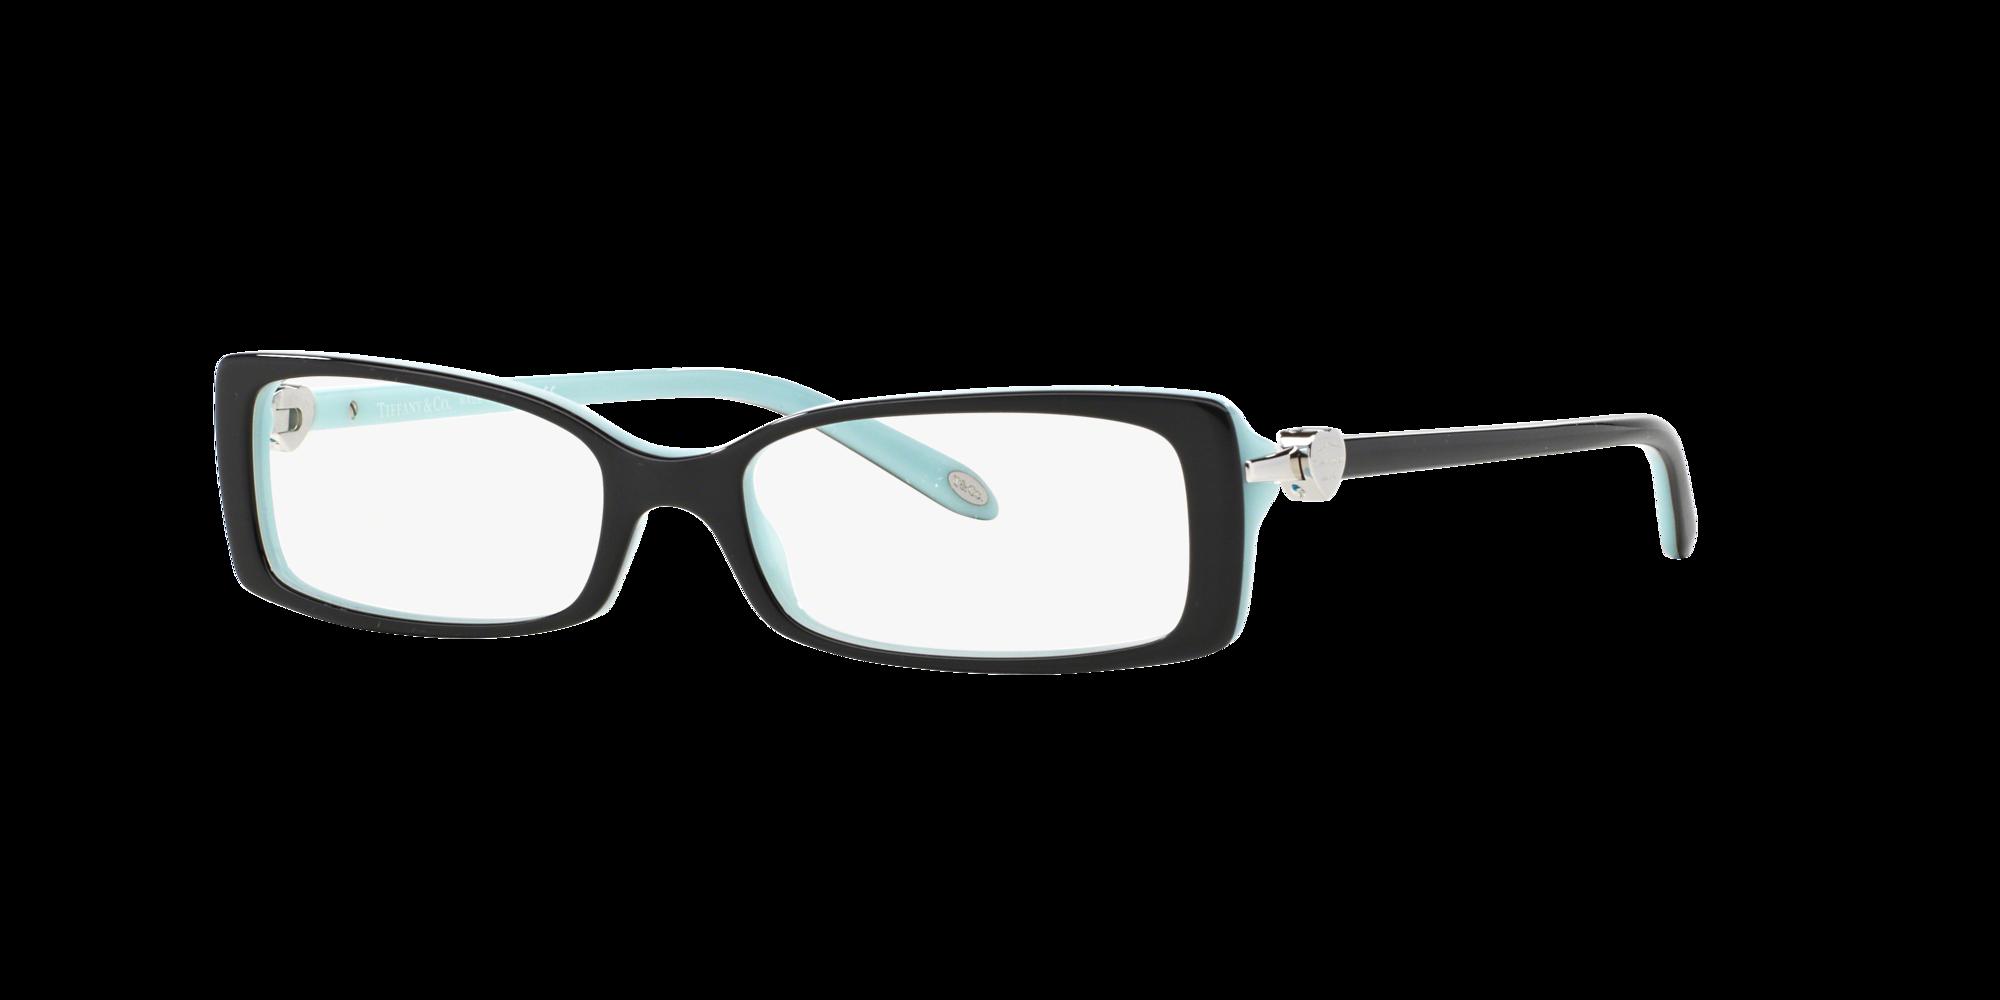 06aaf0ba94e Macy s LensCrafters - Eye Doctor Near You